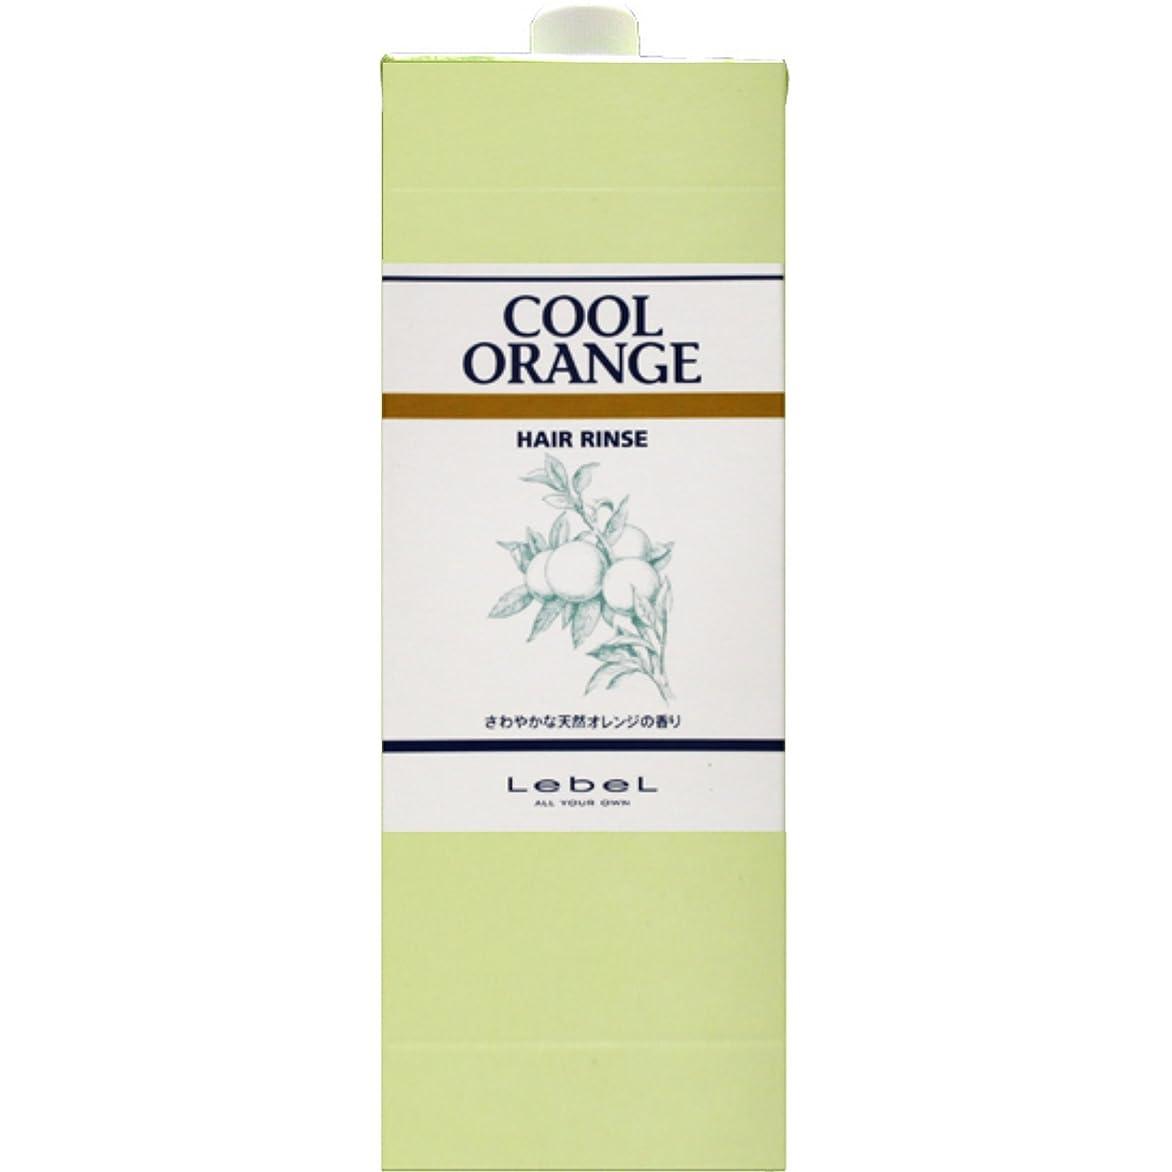 分配します警告愛国的な【ルベル】クールオレンジ ヘアリンス 詰替用 1600ml